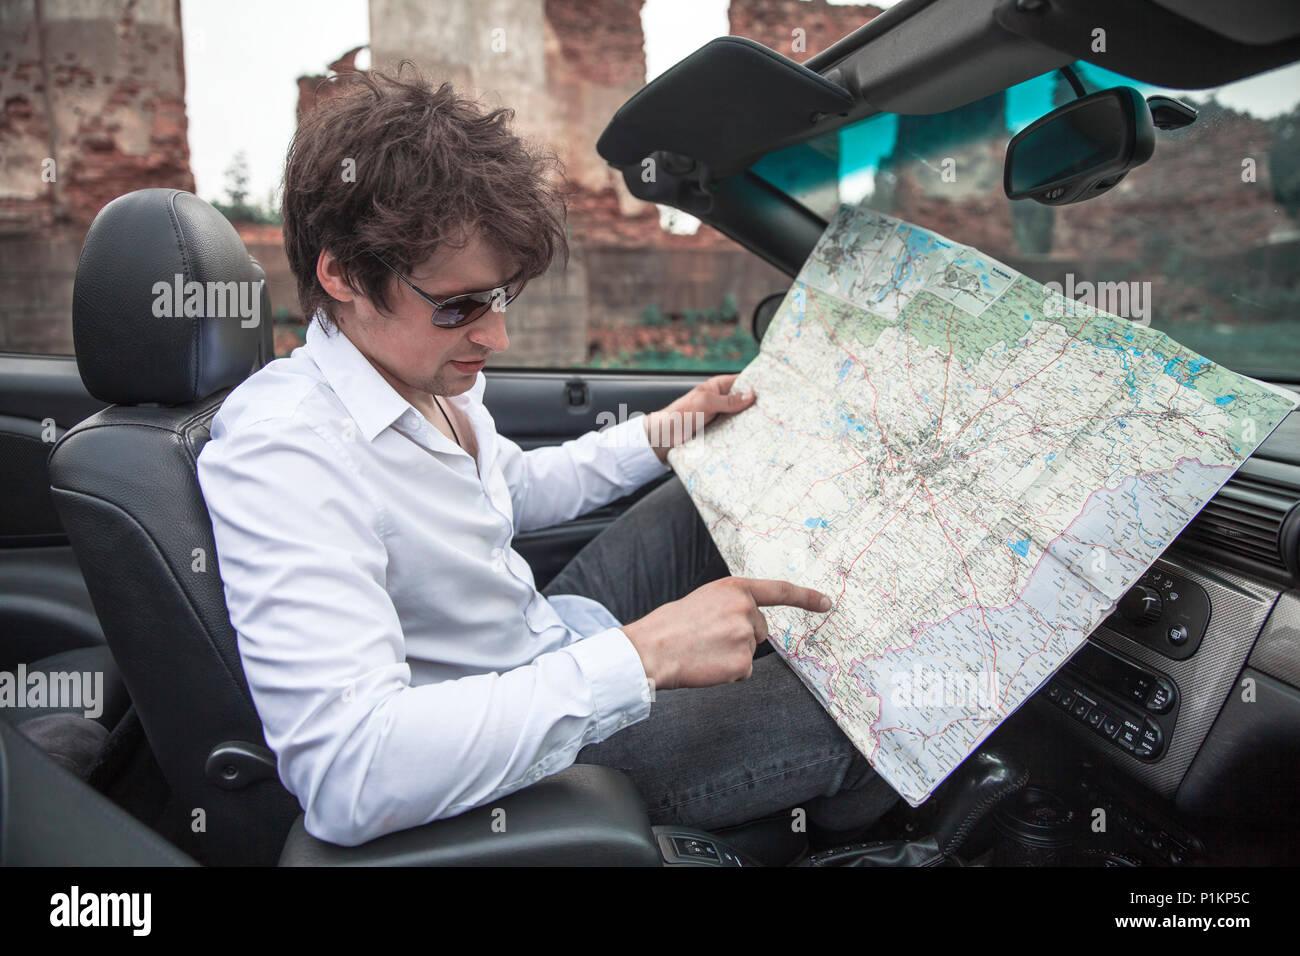 Beau jeune homme est titulaire d'une carte de route dans une voiture. Voyages et aventures concept. Tonique photo Banque D'Images